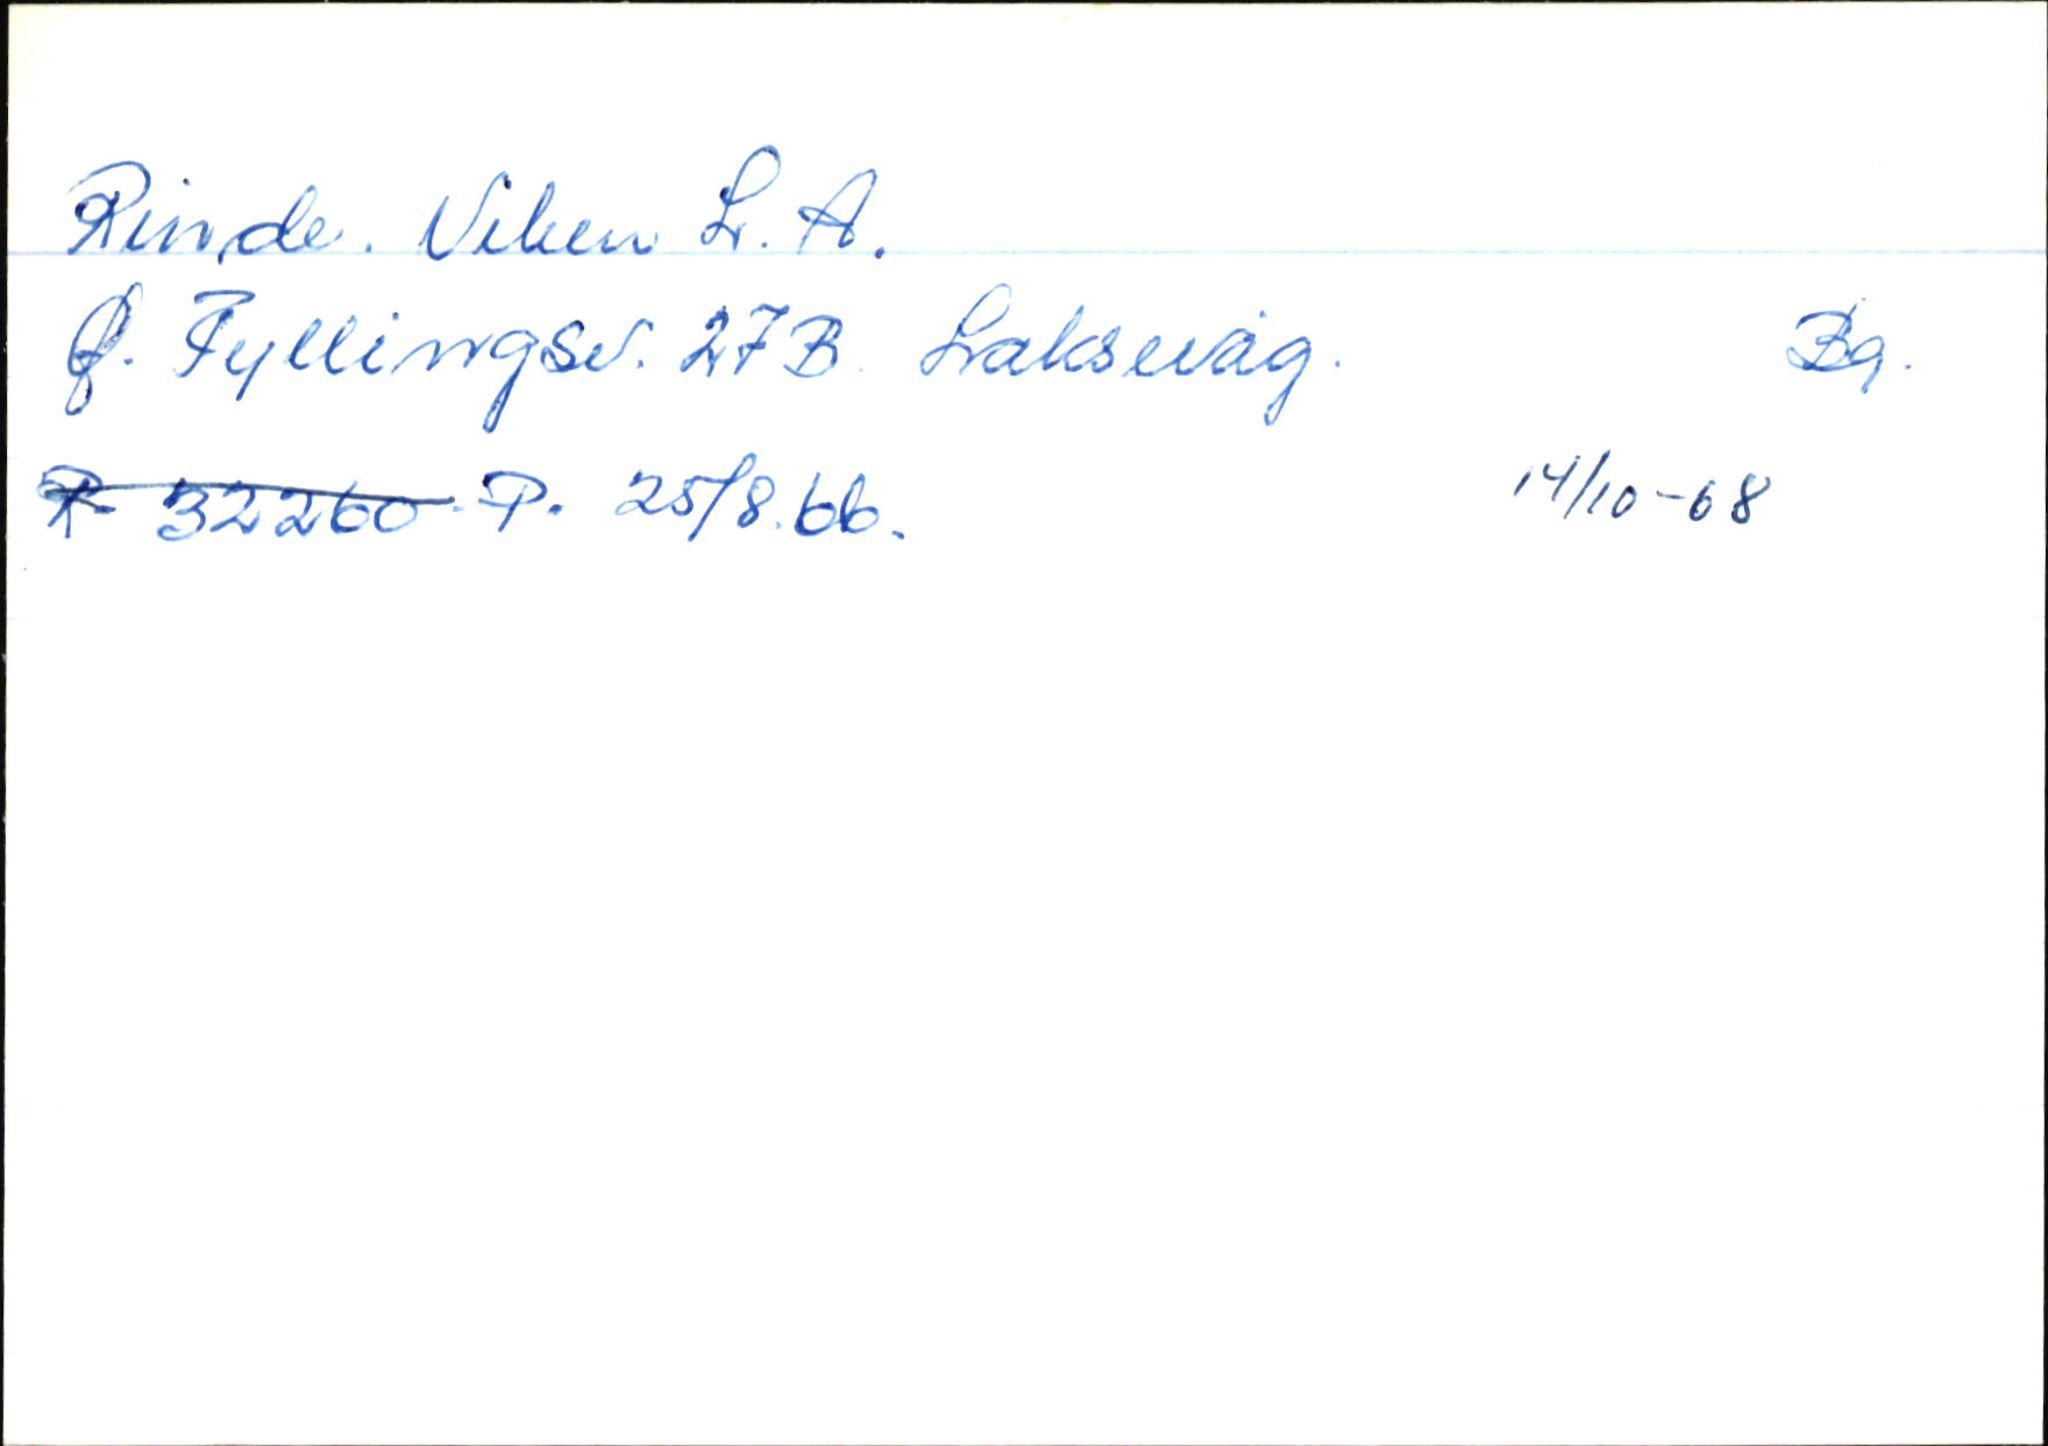 SAB, Statens vegvesen, Hordaland vegkontor, Ha/L0045: R-eierkort R, 1920-1971, s. 1